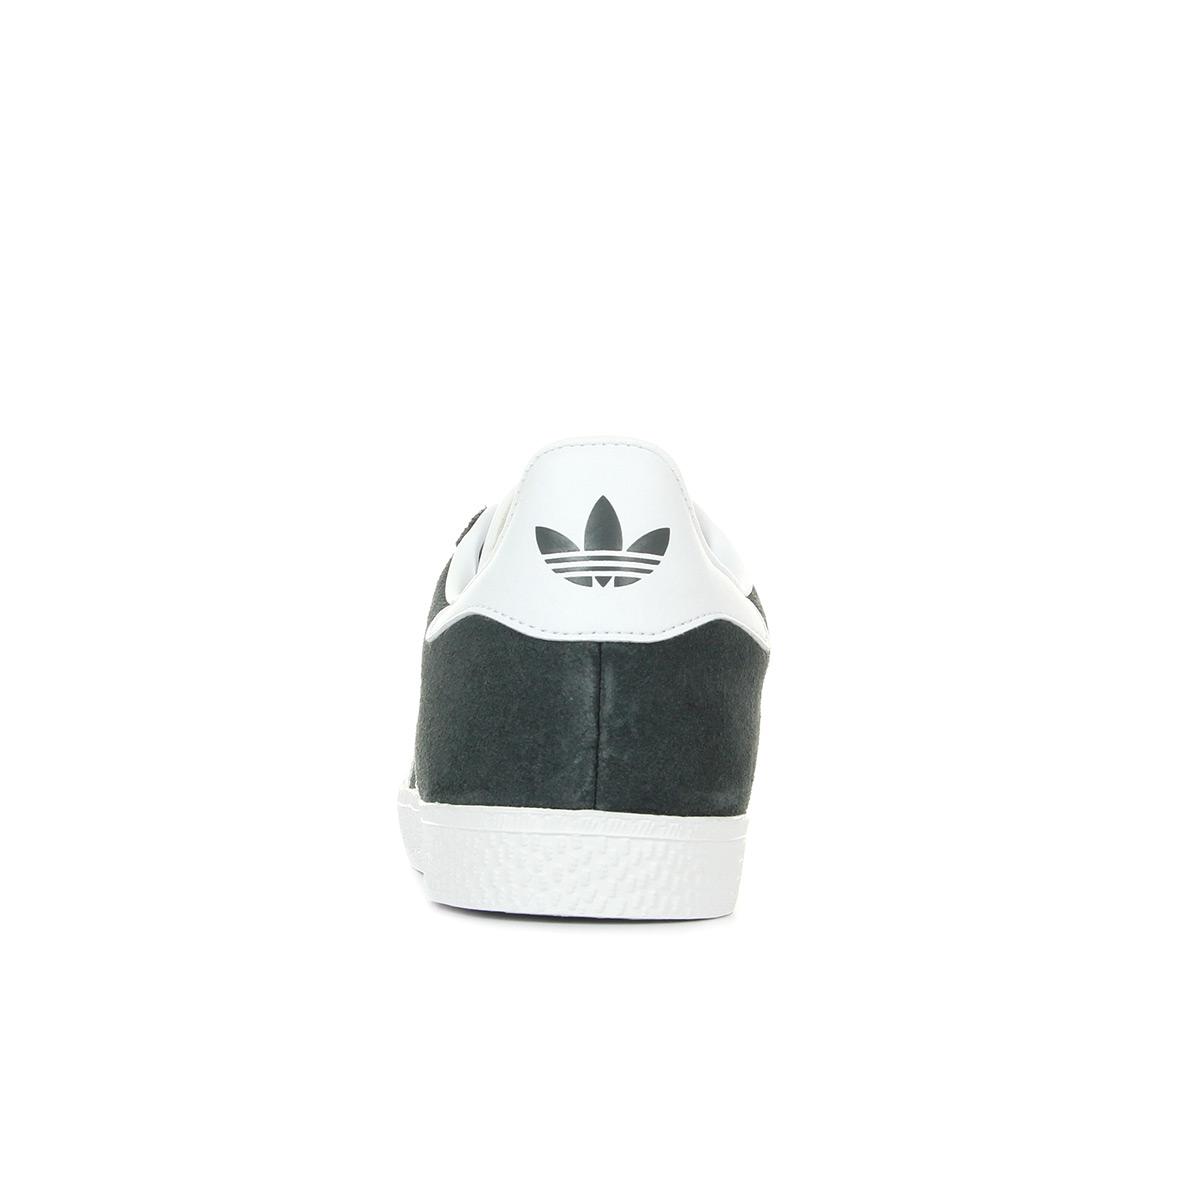 adidas Gazelle BB2503, Baskets mode femme